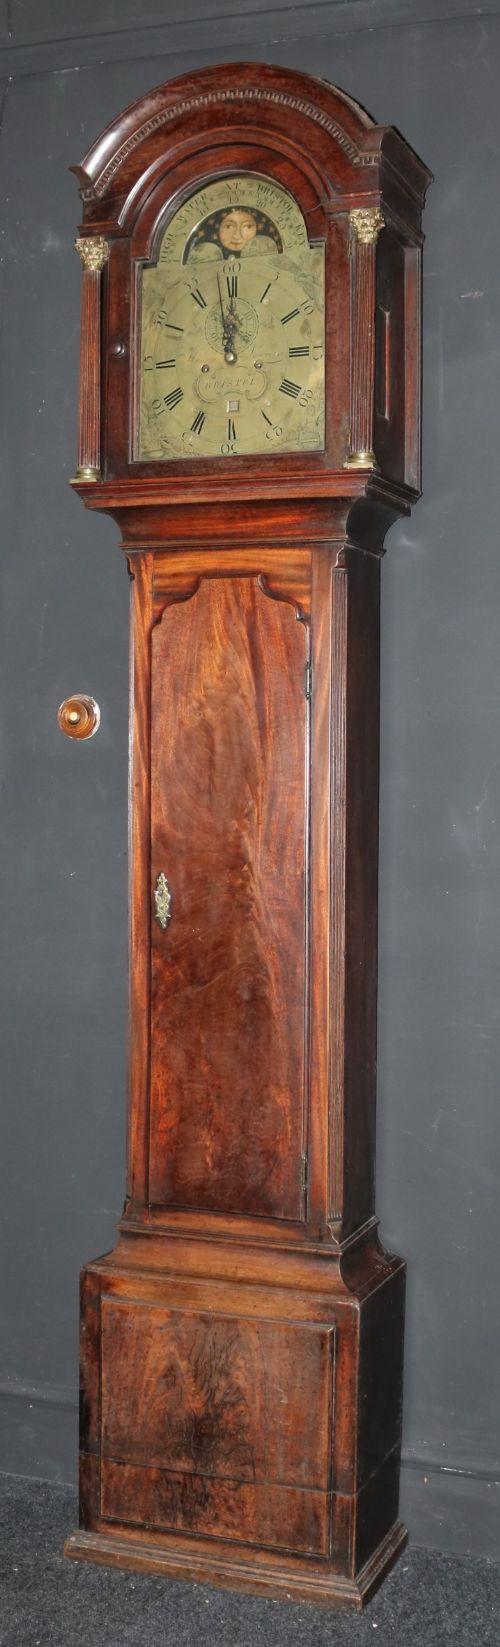 mahogany longcase grandfather clock by lawrence of bristol circa 1780